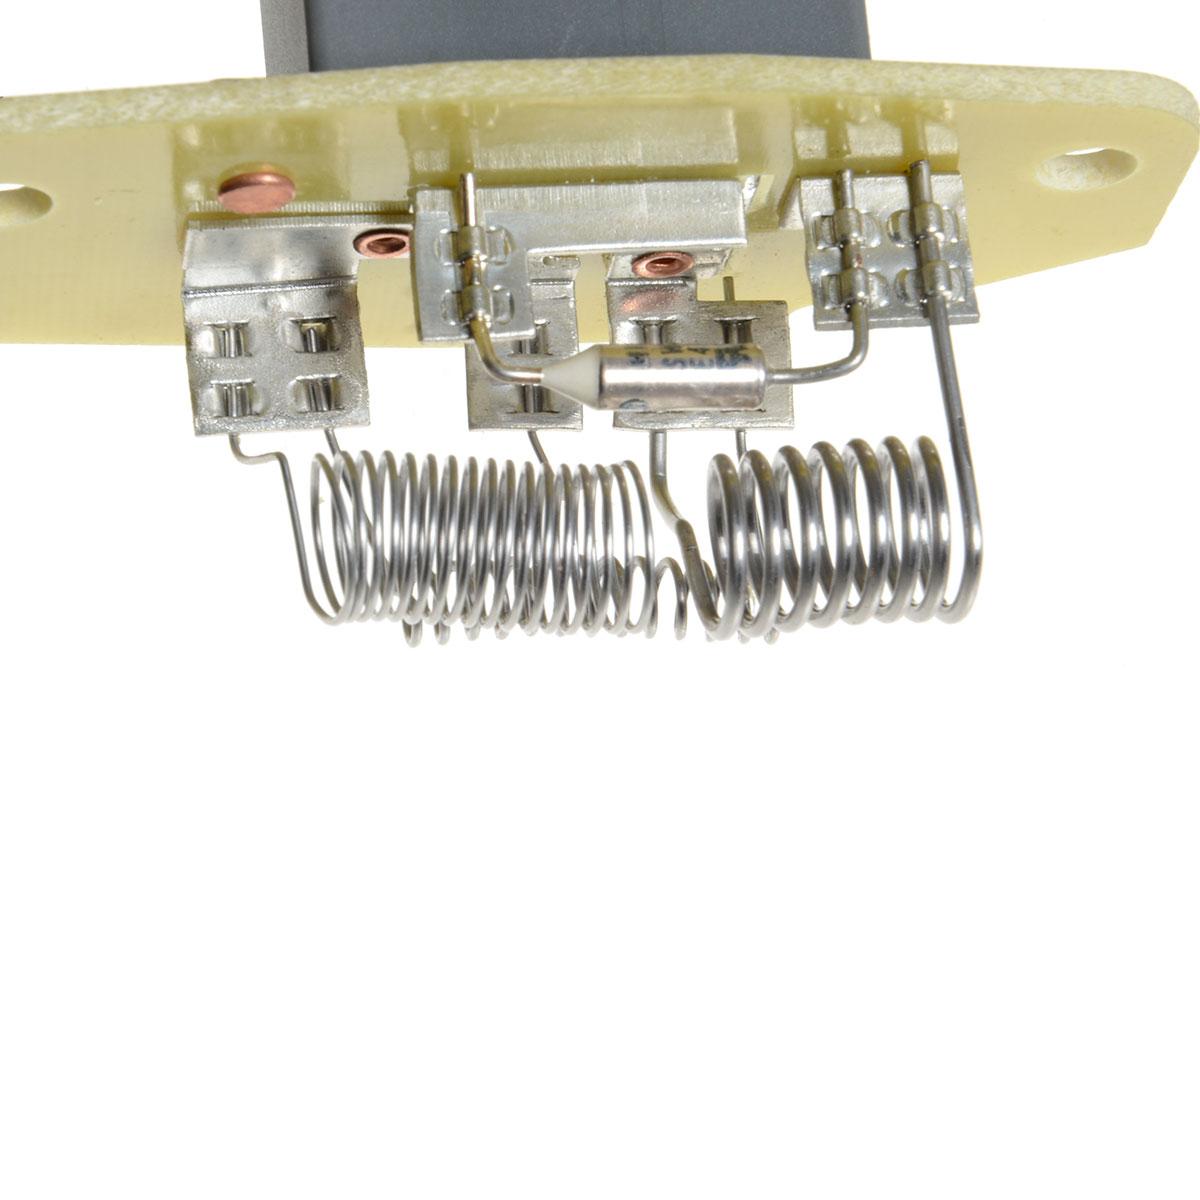 Blower Motor Resistor for Ford E-150 E-250 F-150 F-250 F-350 F-450 B2300 Navajo